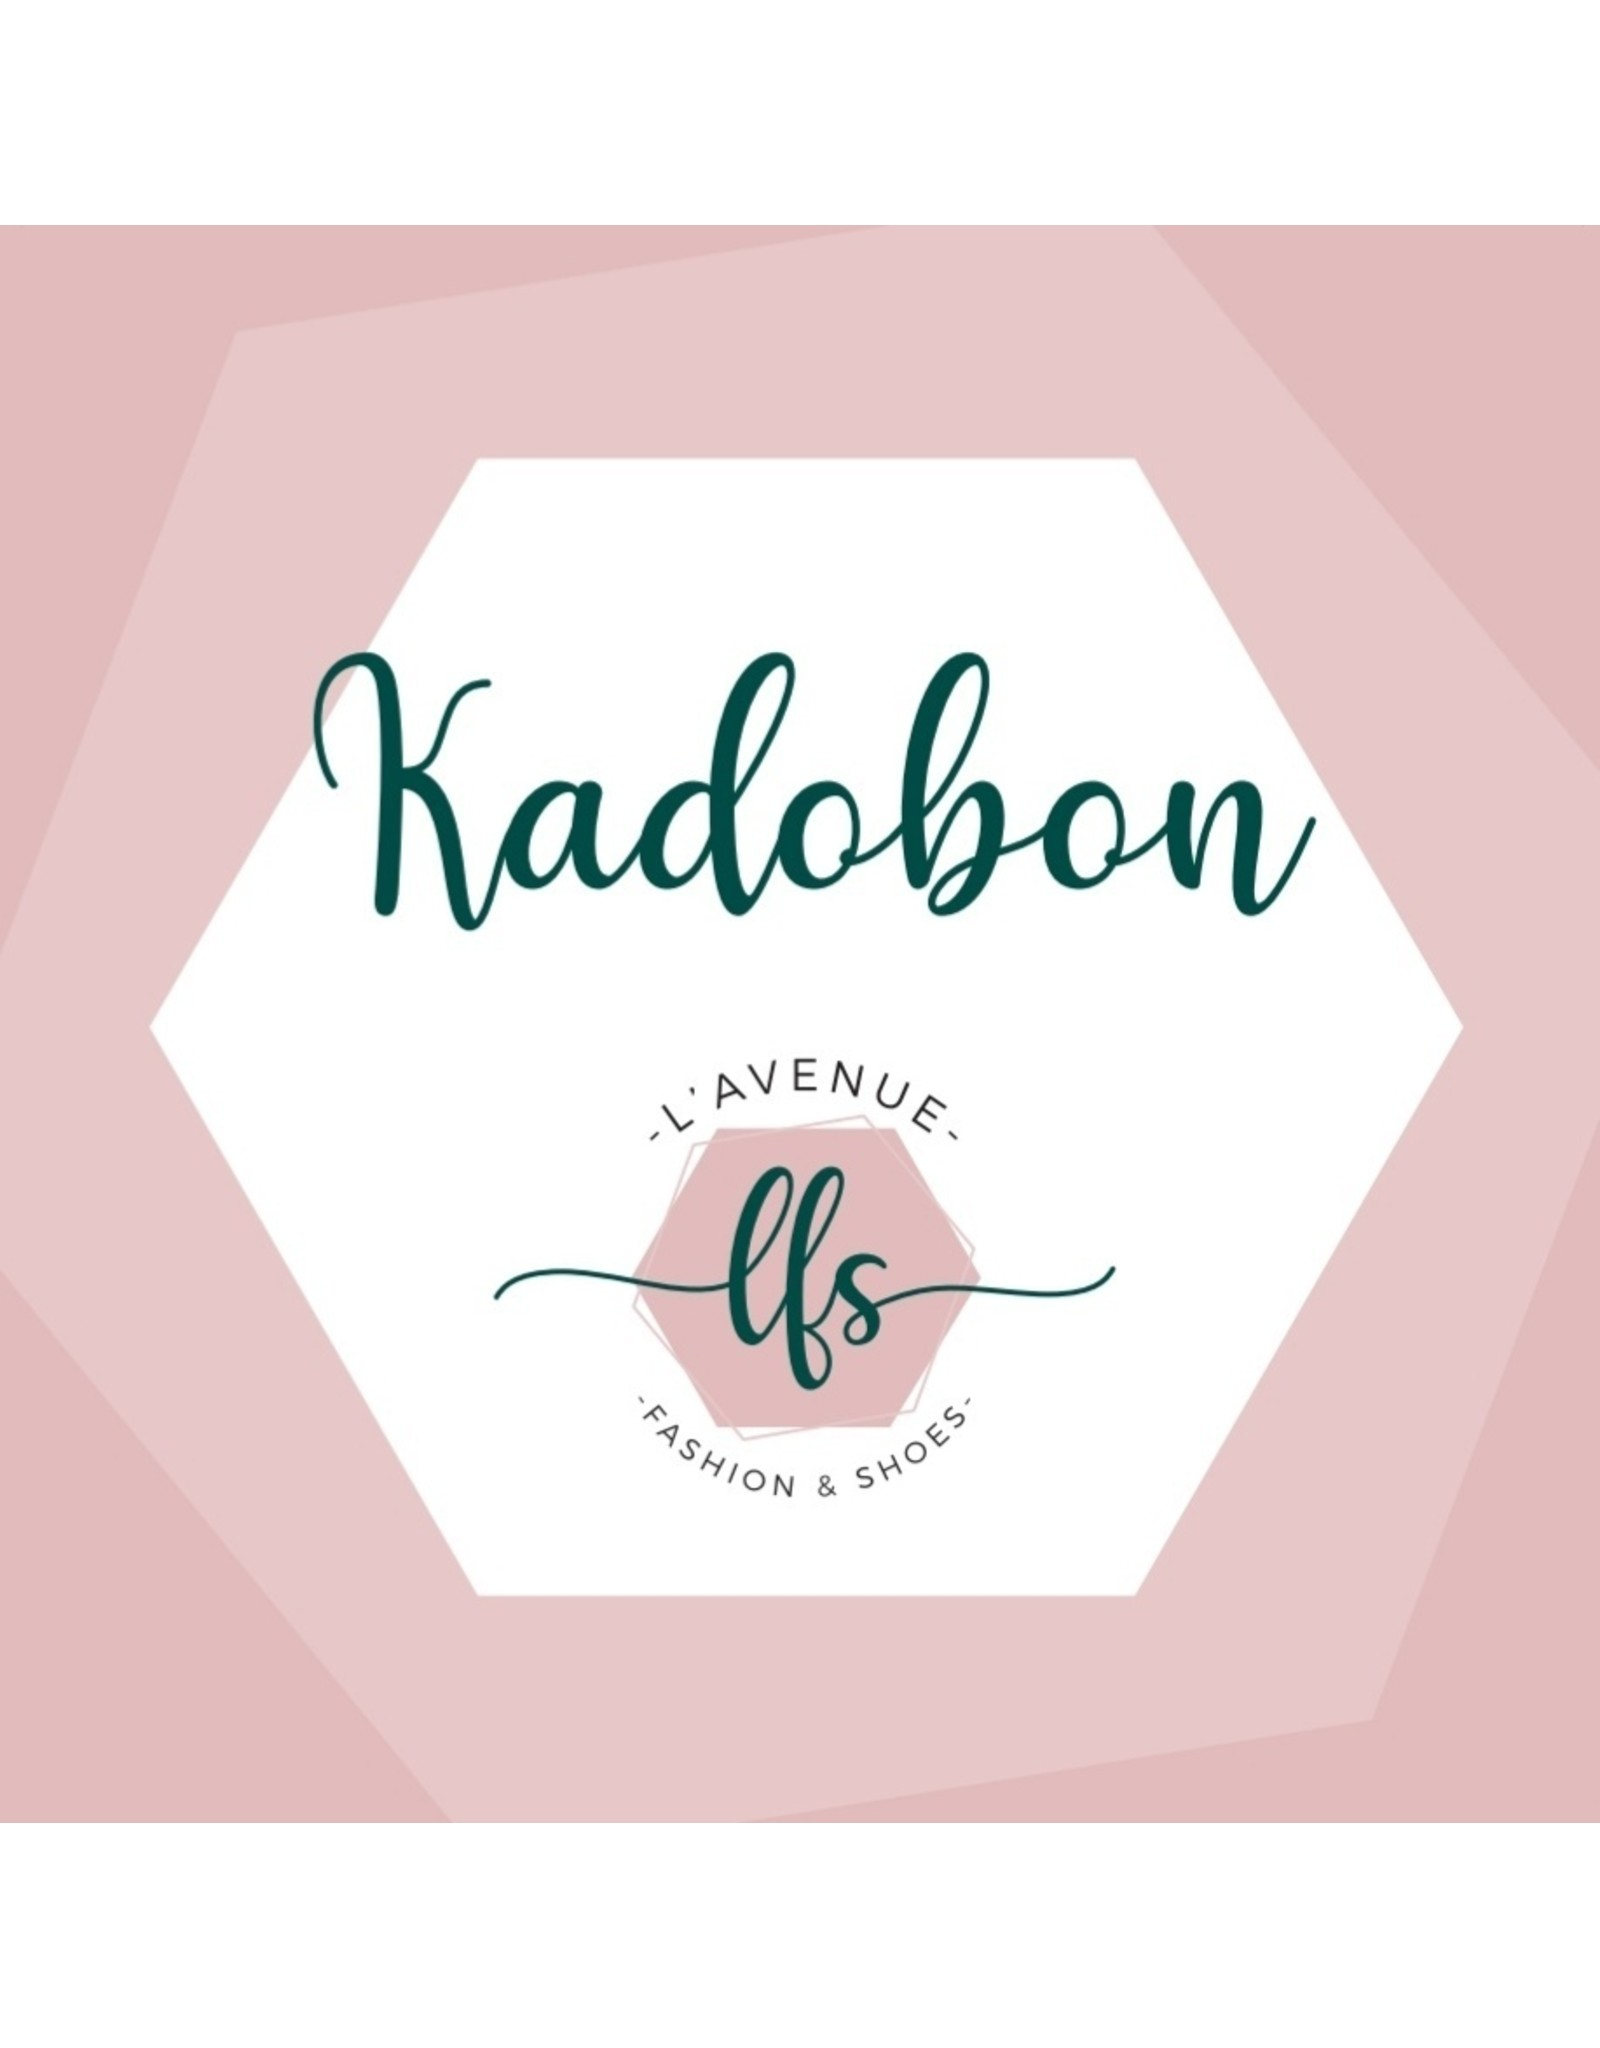 Kadobon 20